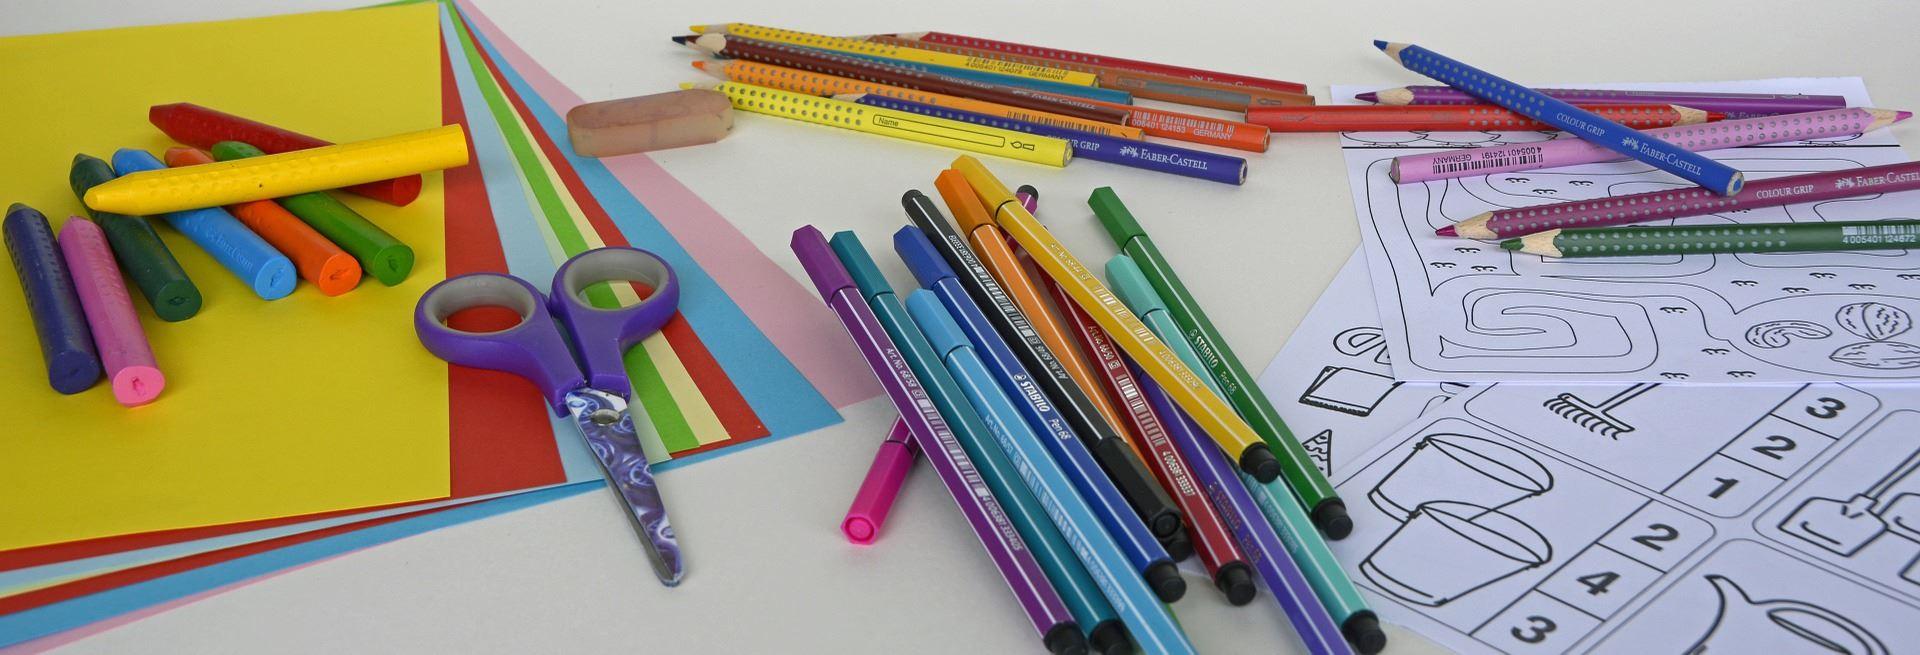 Färgat papper, kritor, pennor